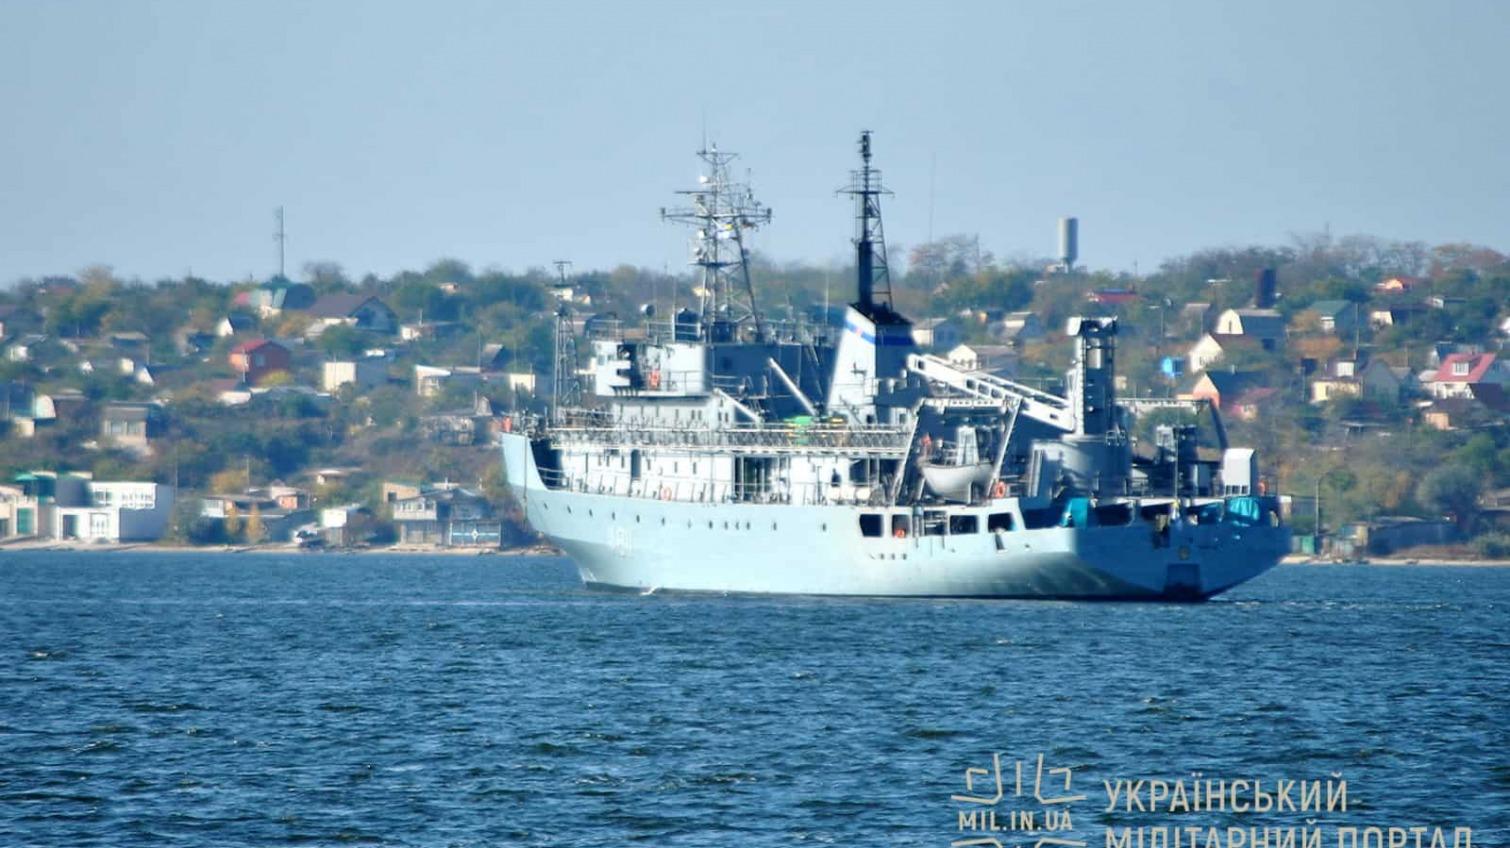 В Черном море терпит крушение украинский военный корабль «фото»